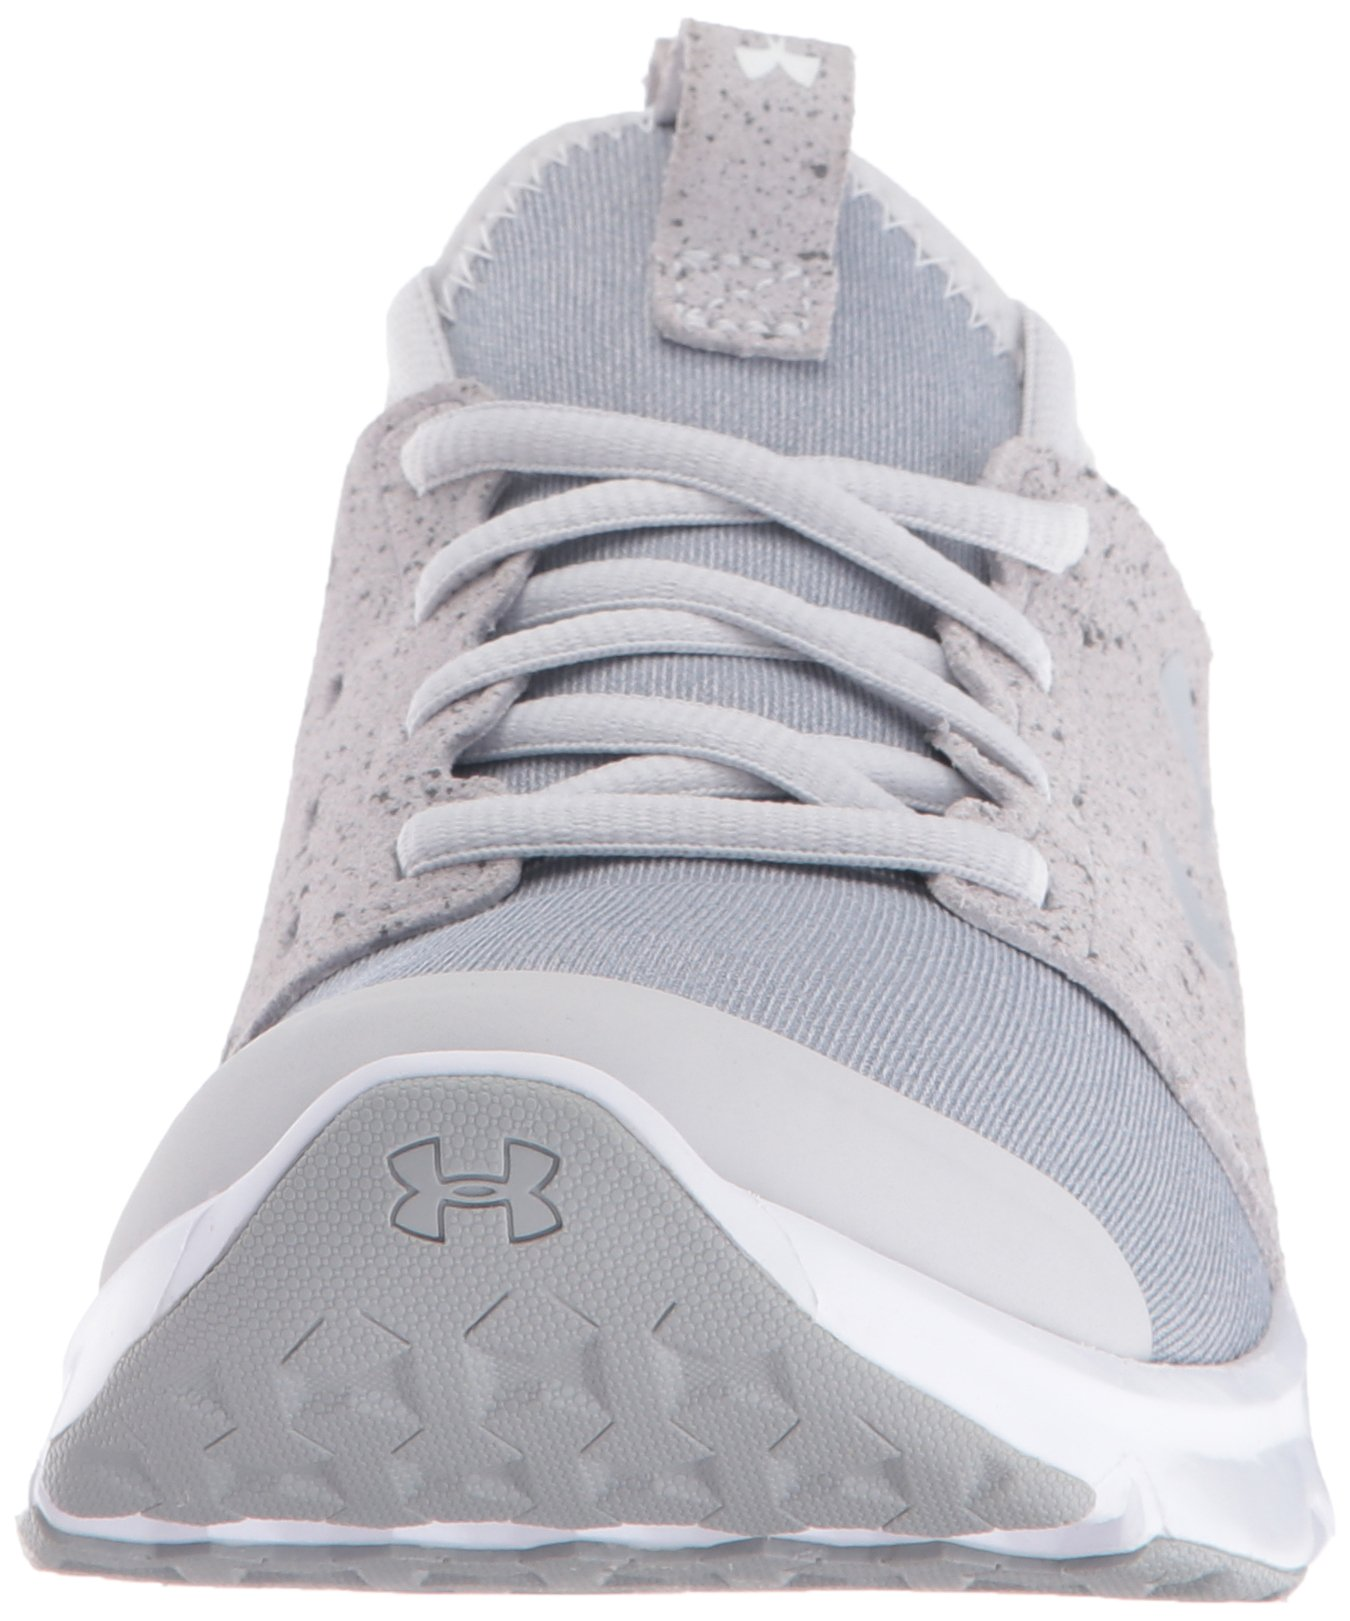 71sN03mLnfL - Under Armour Women's Drift Mineral Running Shoes